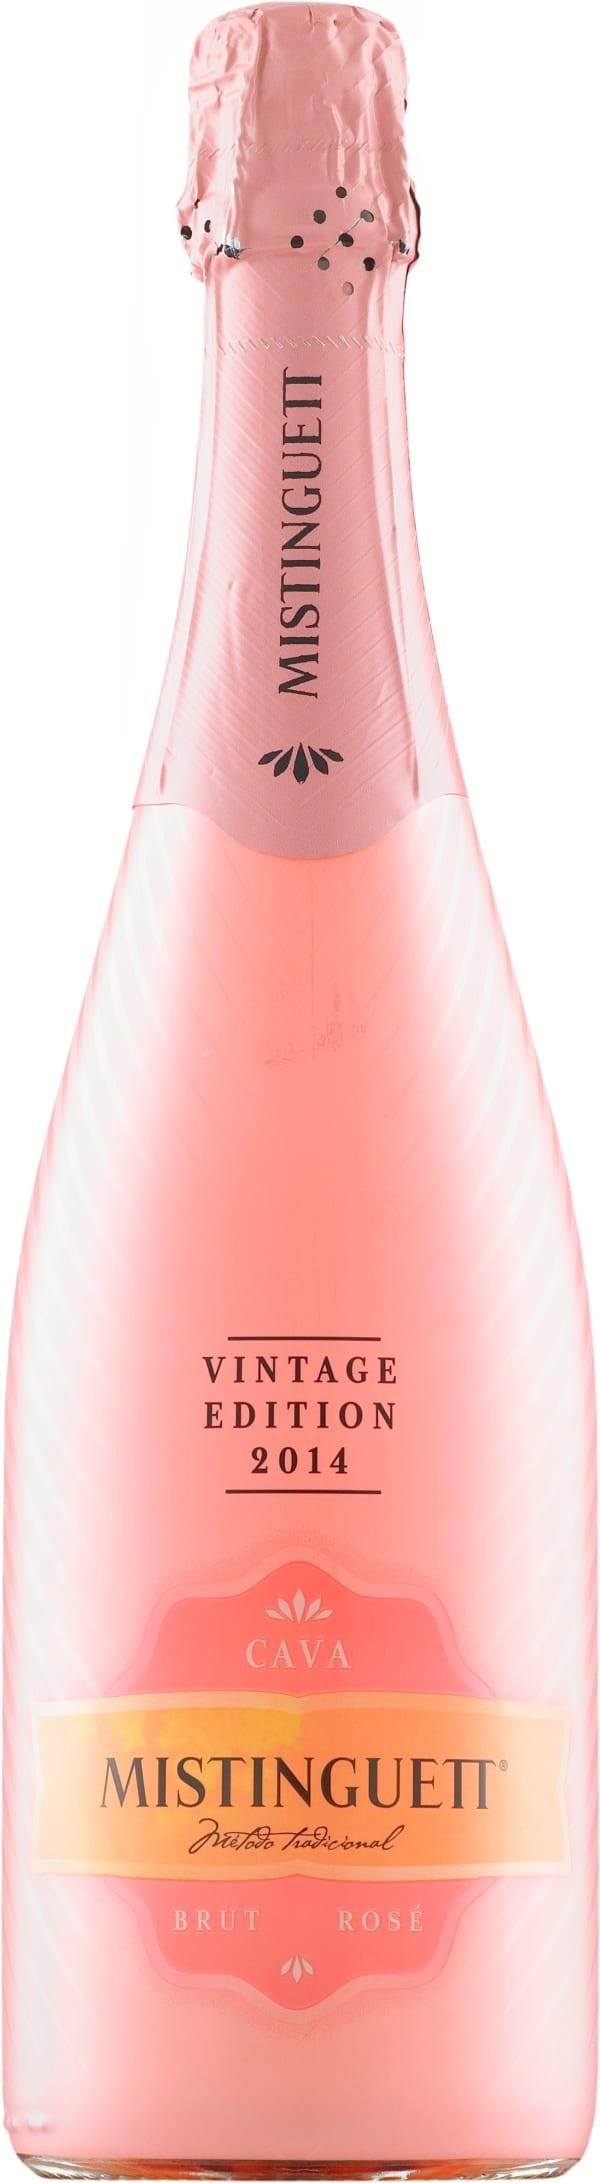 Mistinguett Vintage Edition Rosé Cava Brut 2018